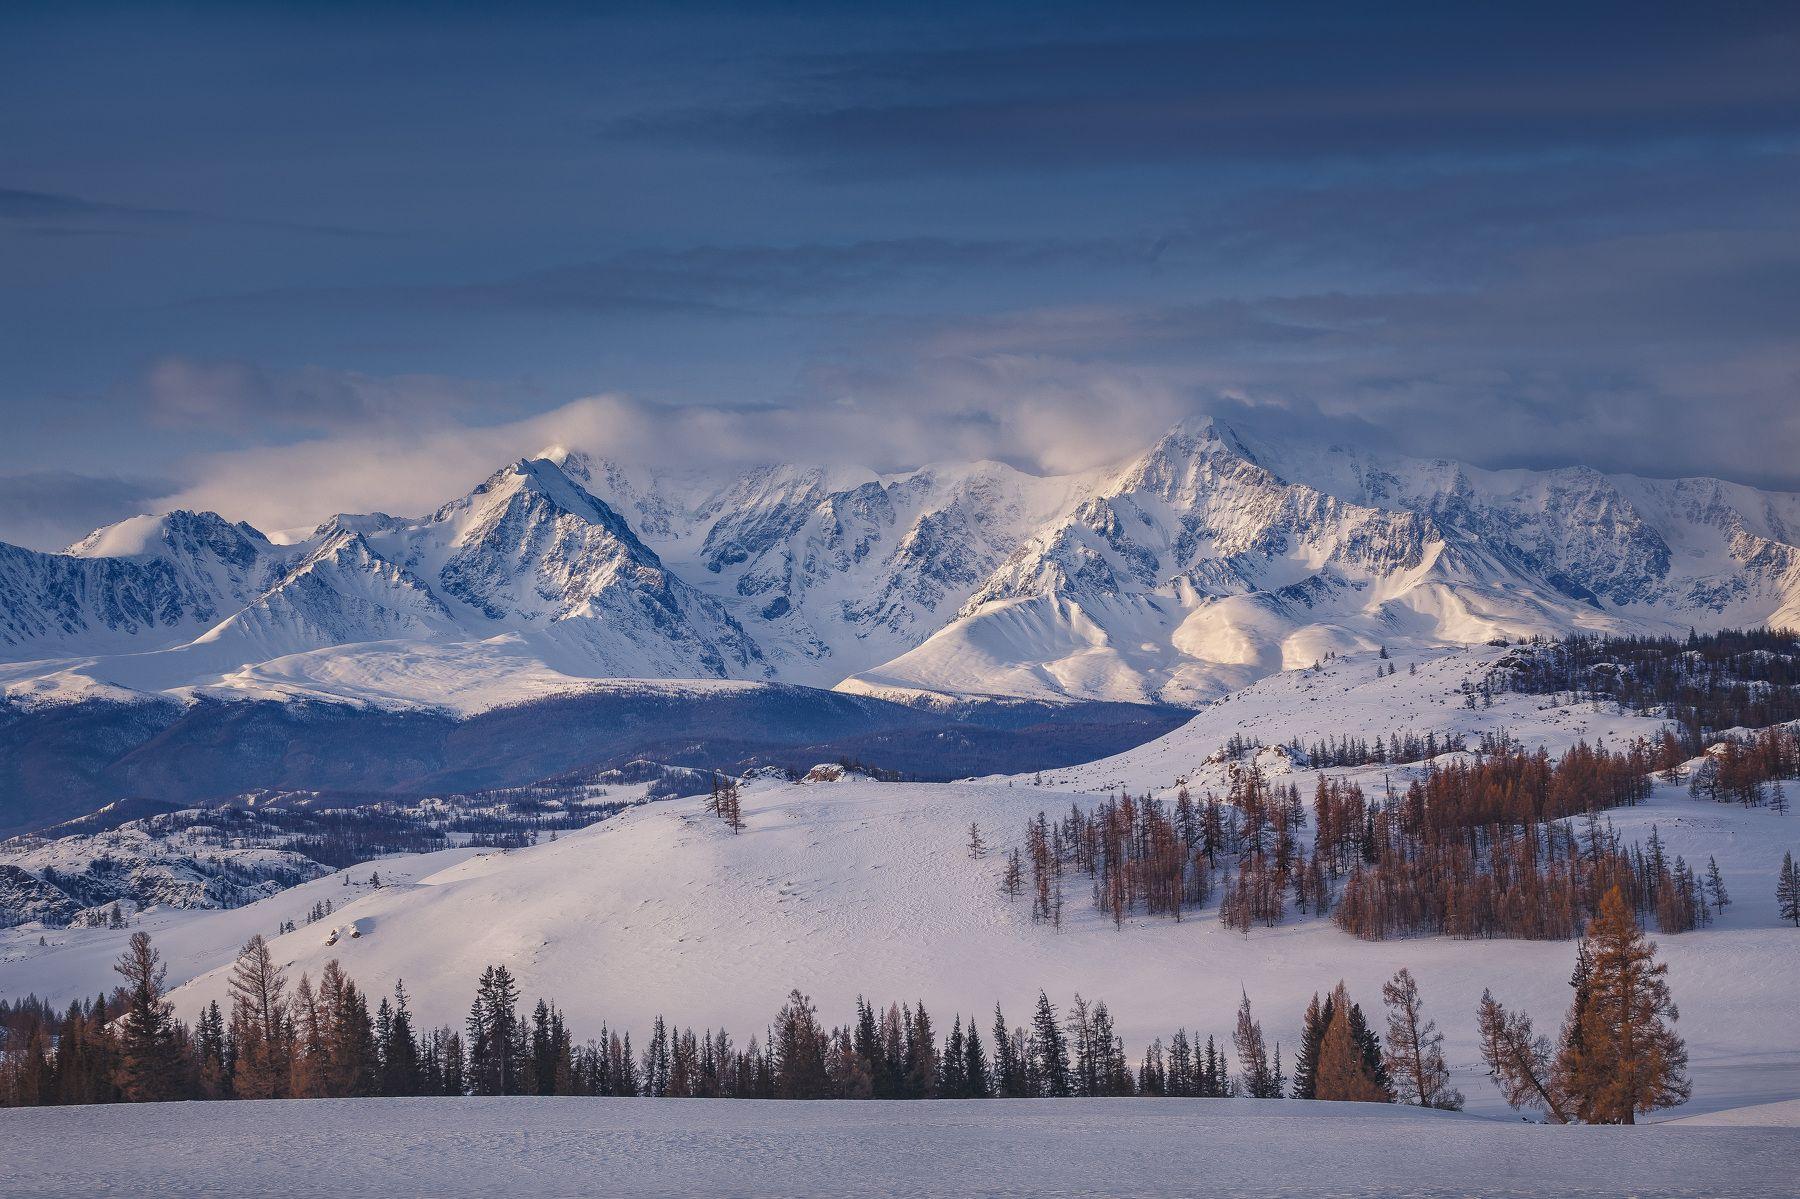 картинка снежные горы россии родители получили похоронку